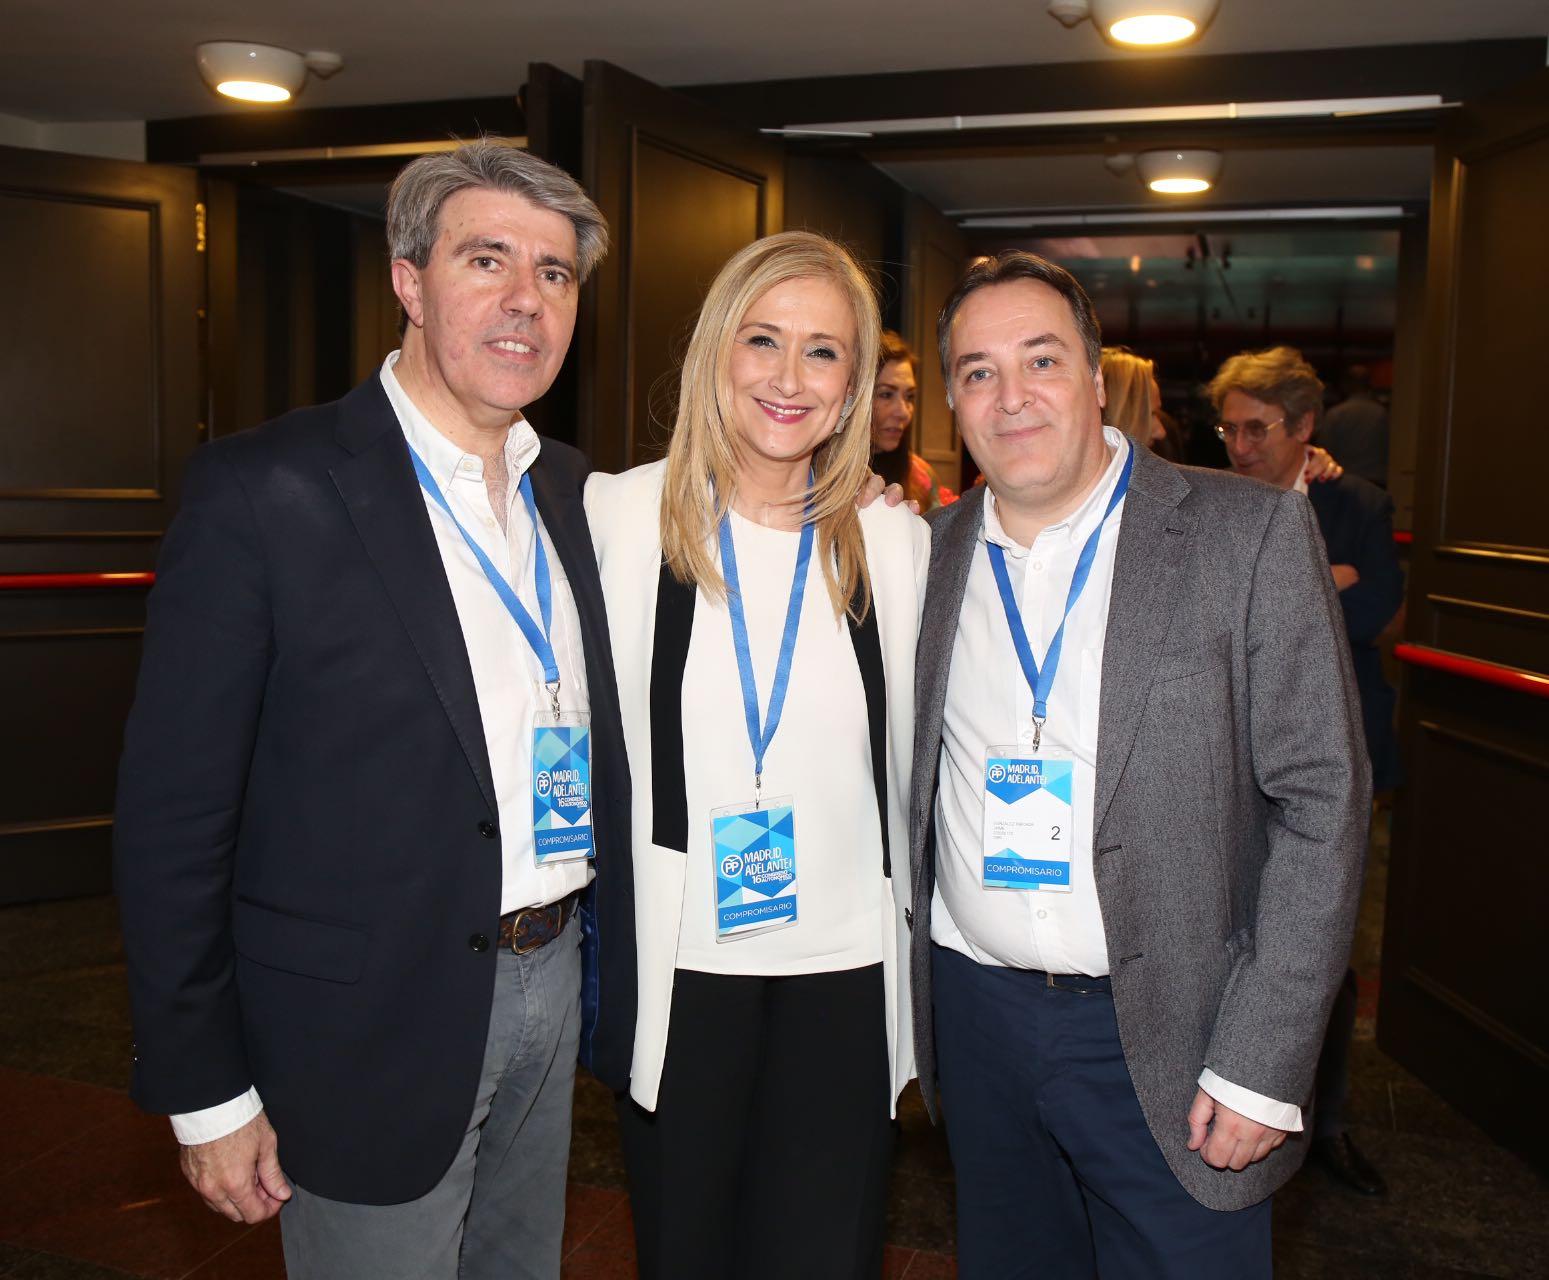 Jaime González Taboada, Cristina Cifuentes y Ángel Garrido (Alberto Cuéllar PP Madrid).